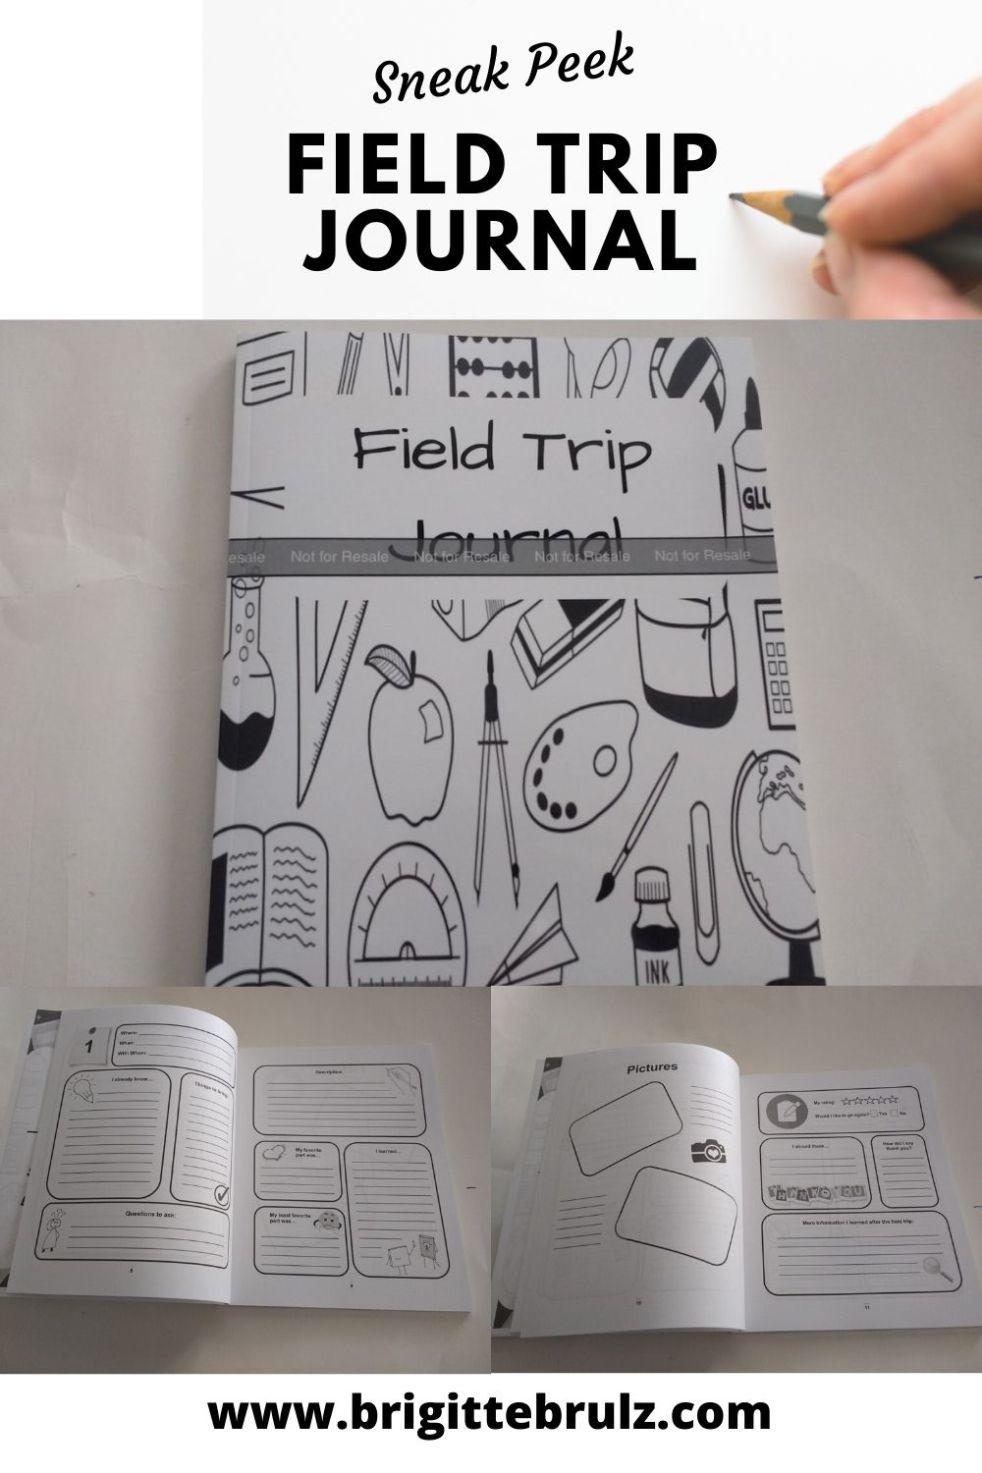 Sneak Peek Field Trip Journal